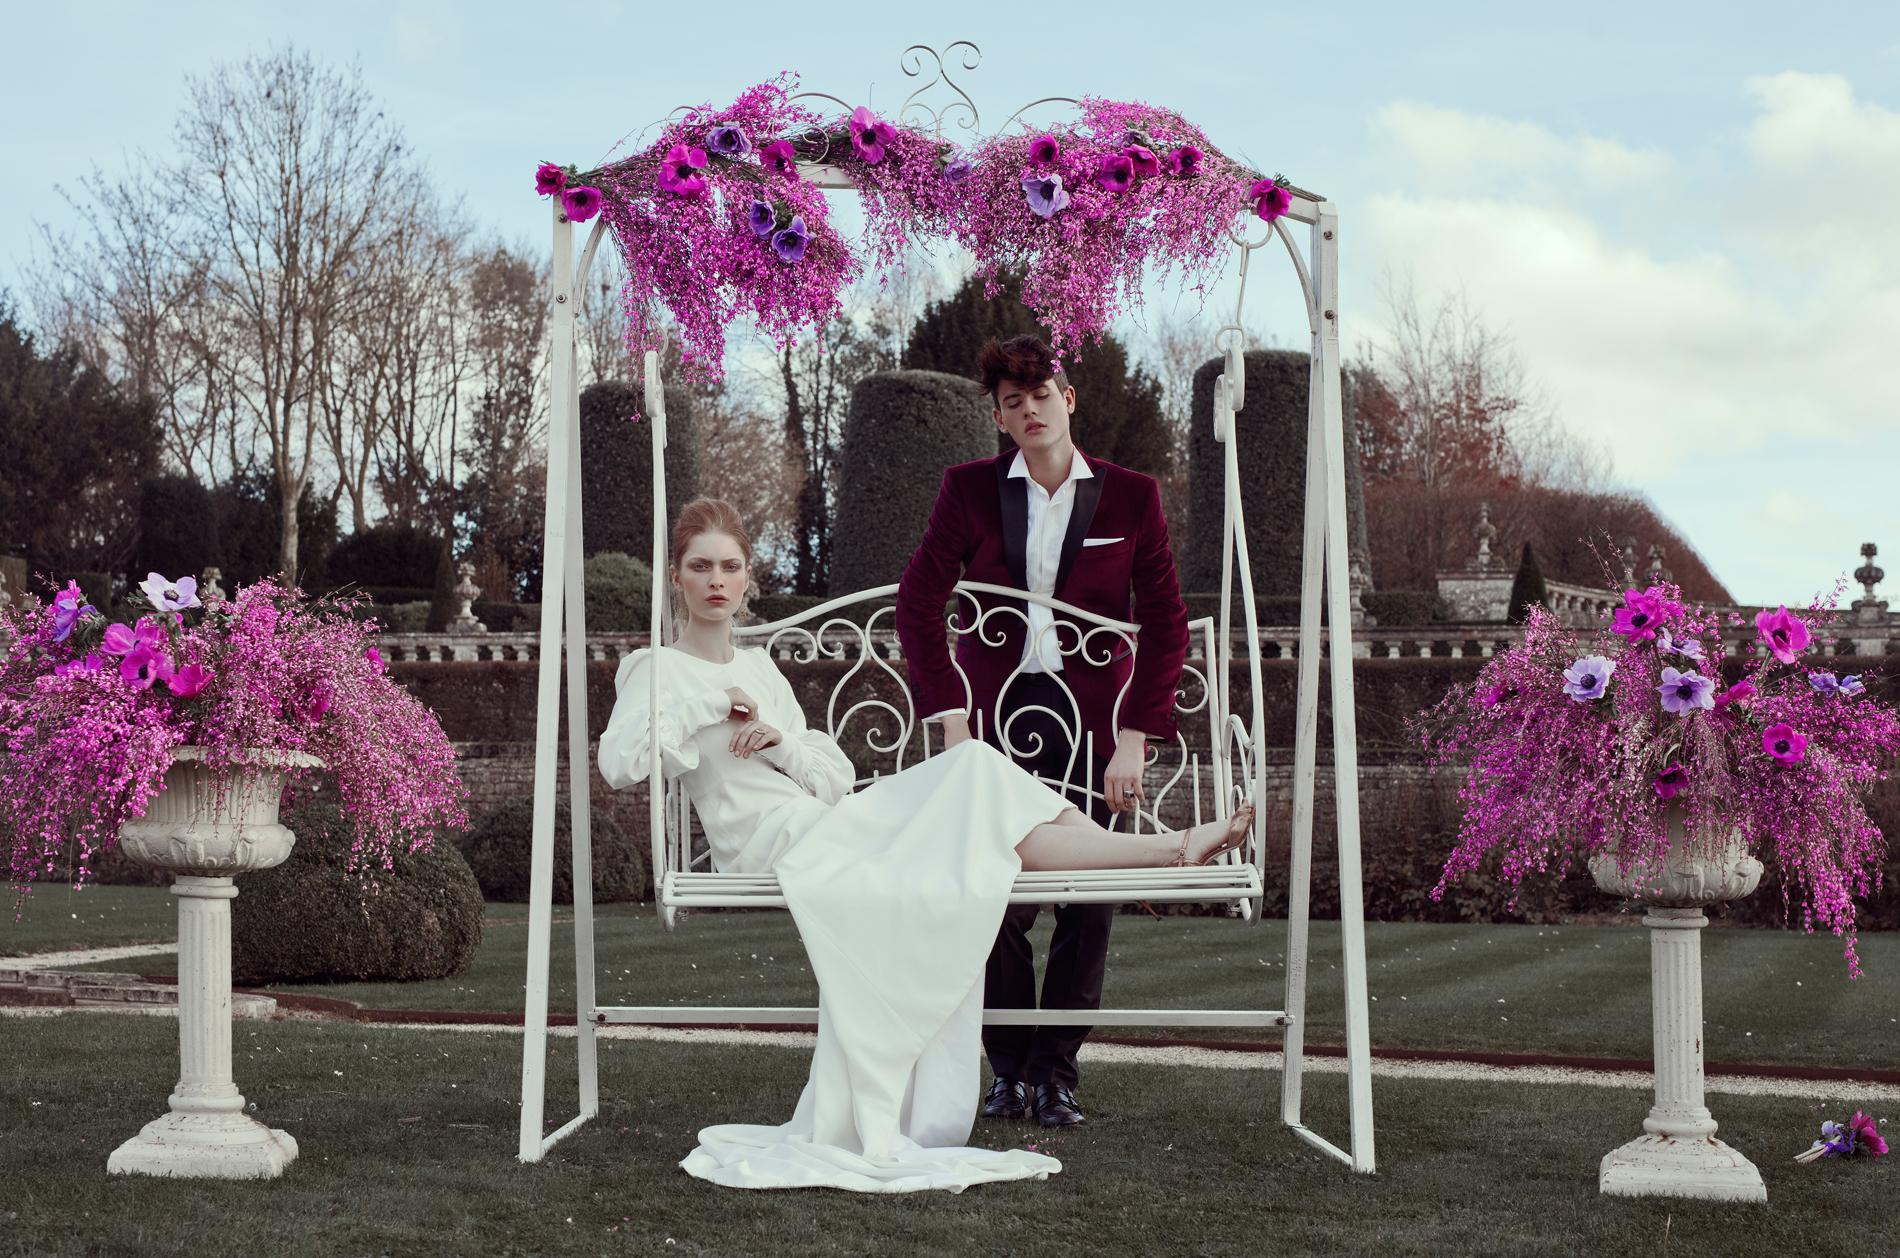 Louer sa déco de mariage, mode d'emploi - Madame Figaro